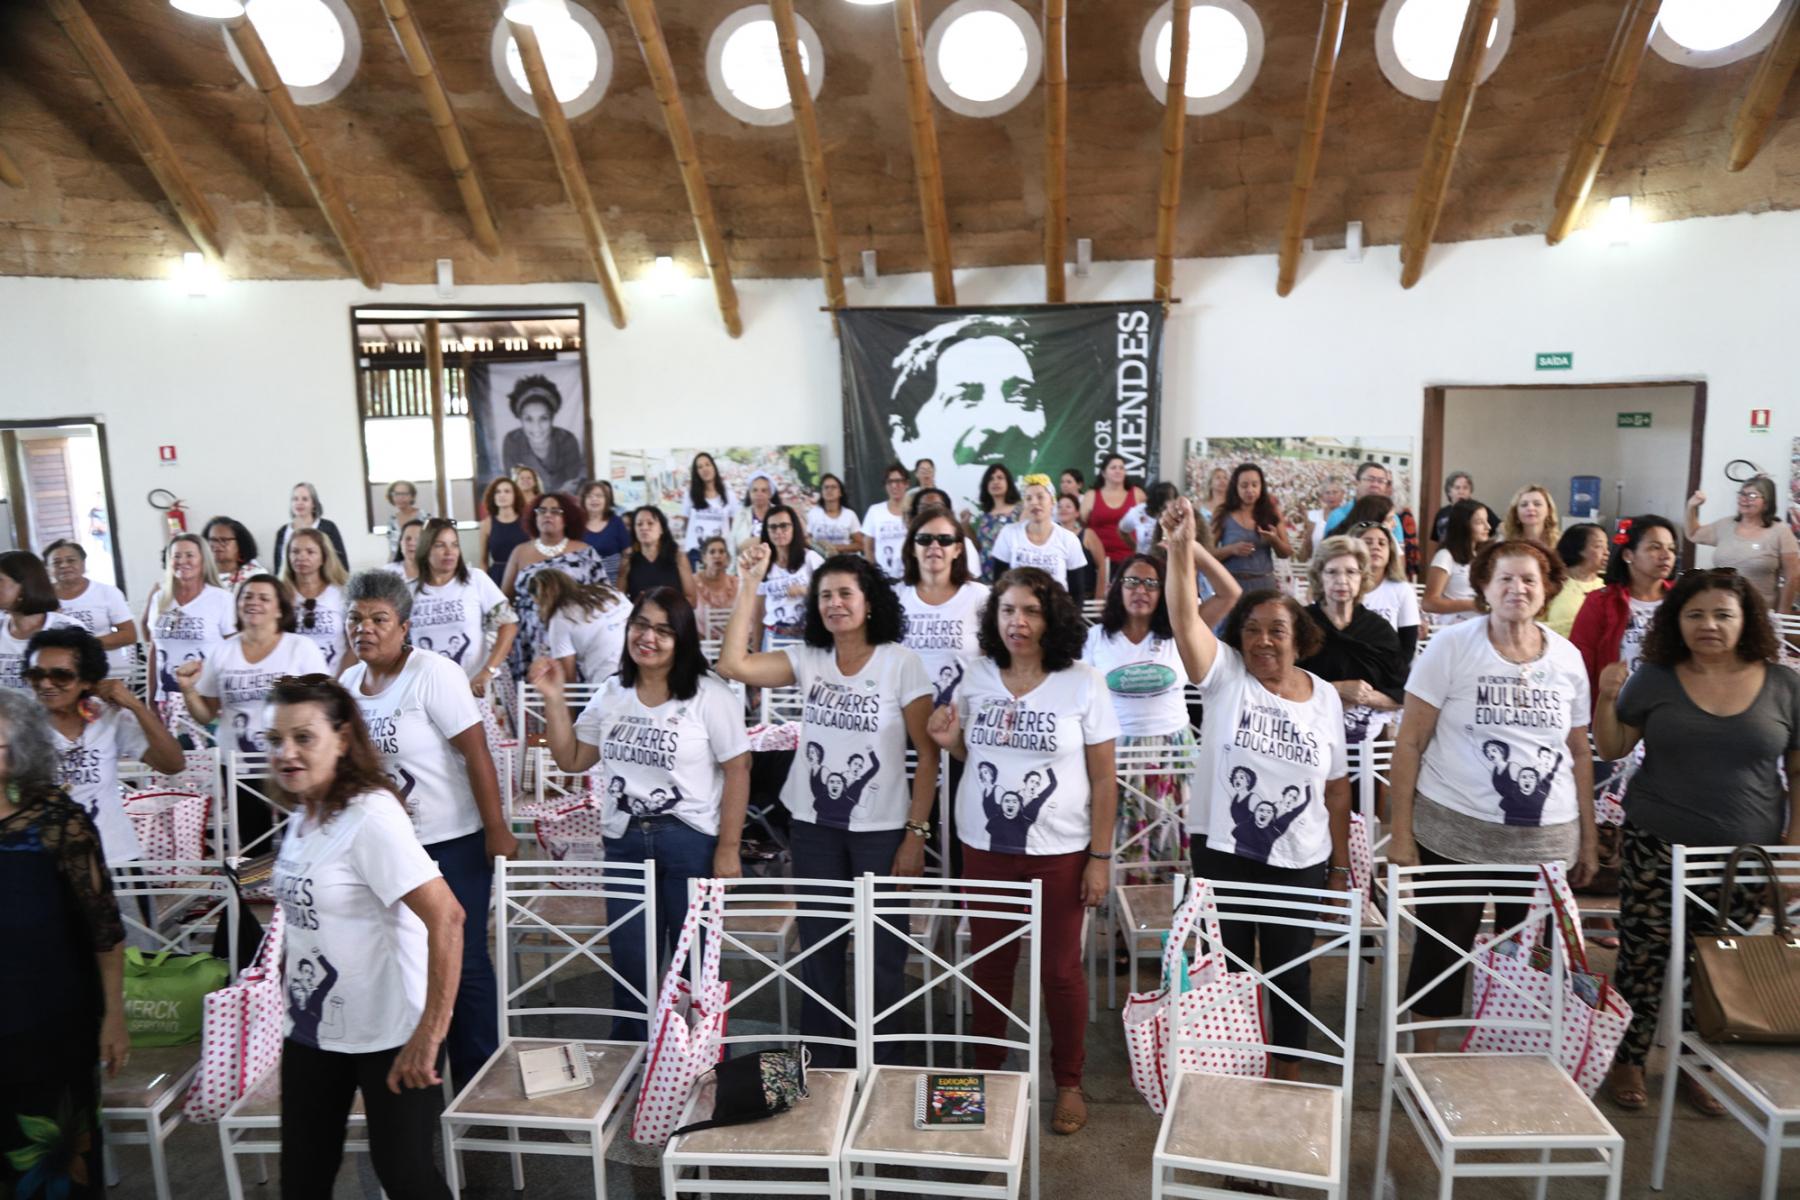 2019.04.27-VII-Encontro-de-Mulheres-Trabalhadoras_fotos-ECOM-175